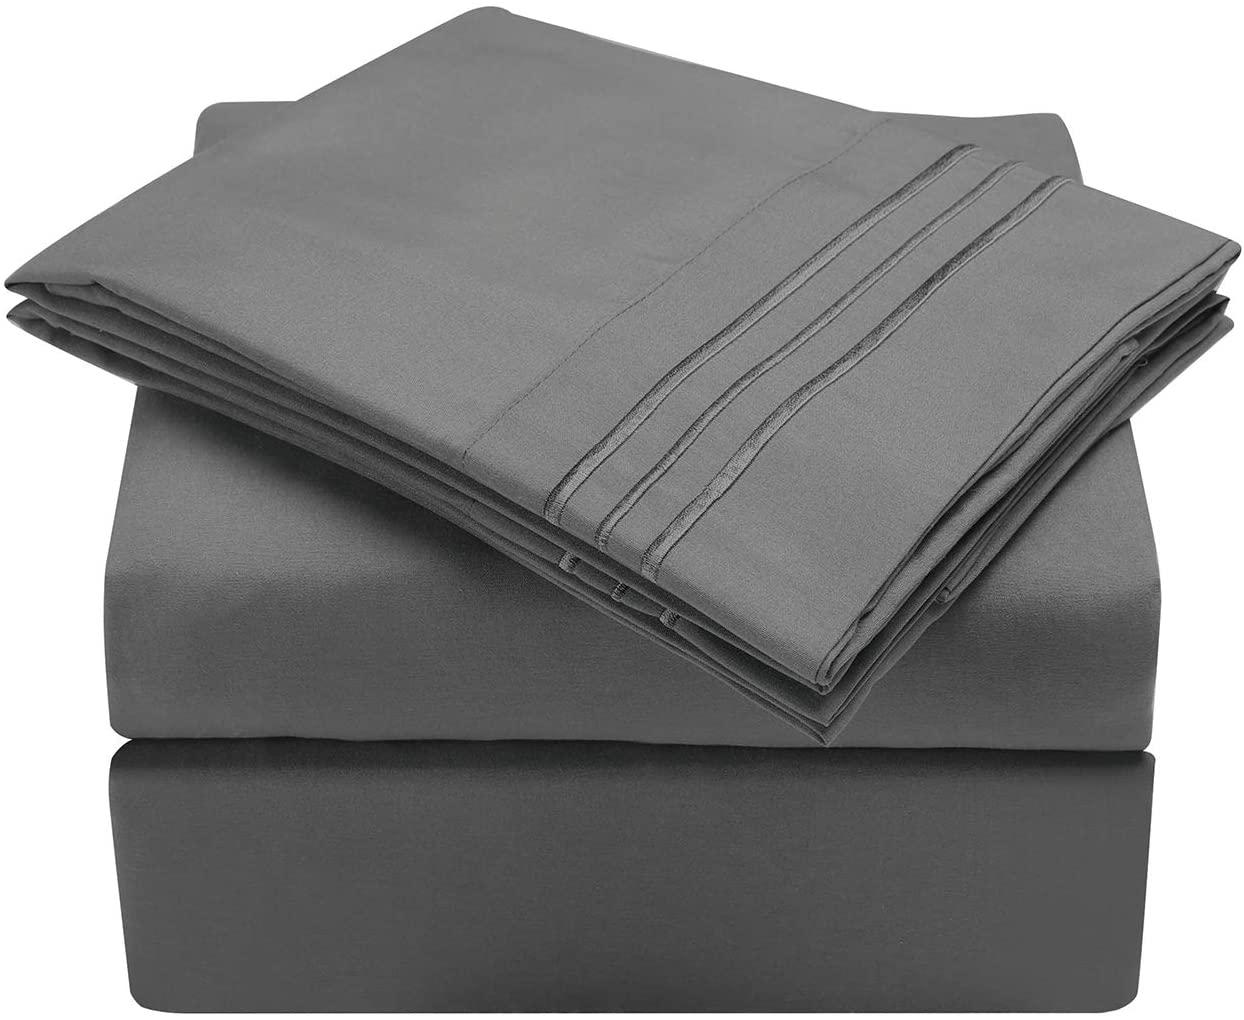 HooSeen 4-Pieces Bed Sheets Set 1800 Series Microfiber-Wrinkle & Fade Resistant, Deep Pocket, Hypoallergenic Bedding Set, Pillow Case (Grey, Queen)